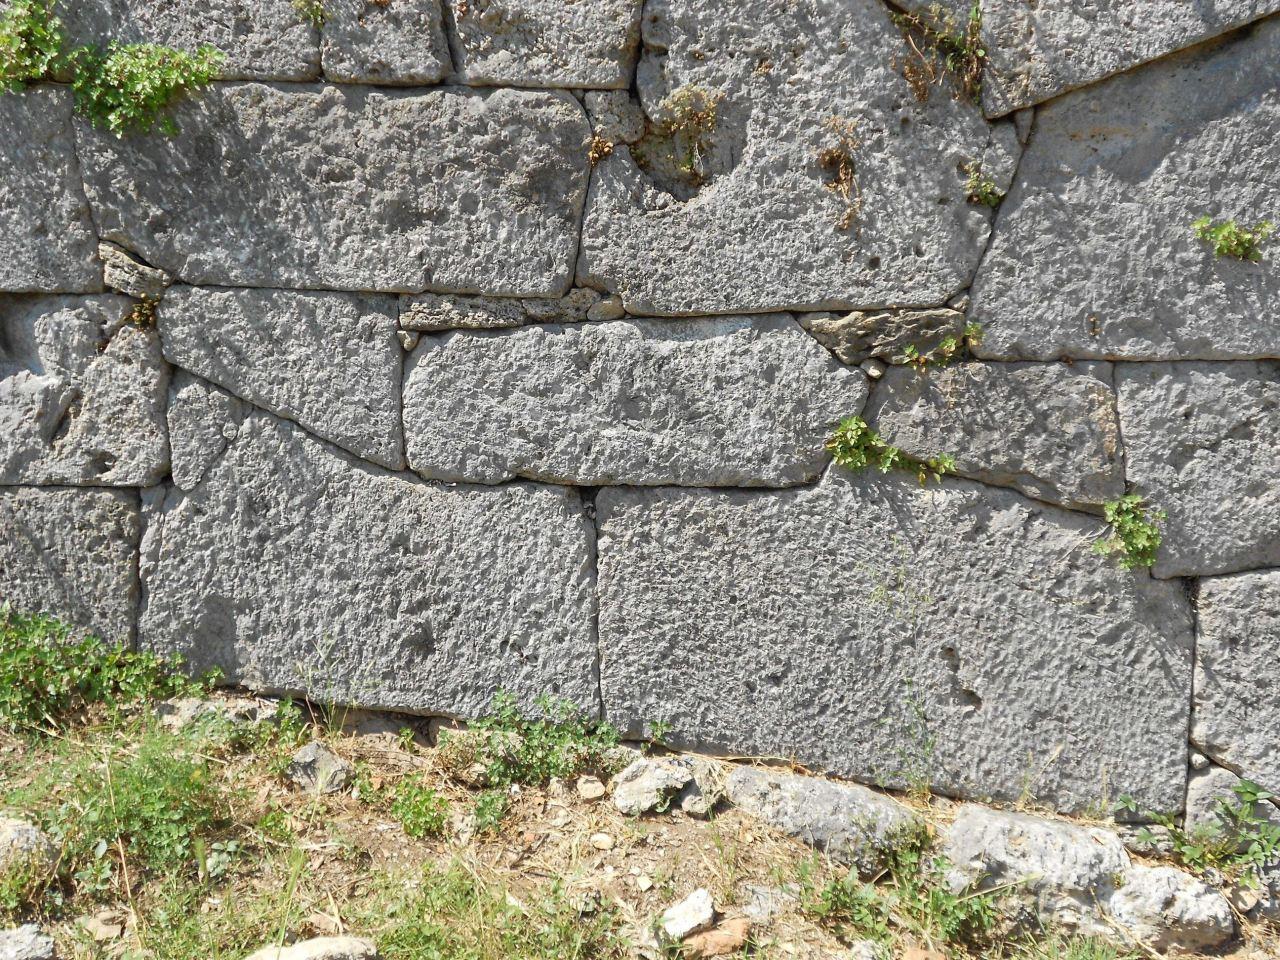 Cosa-Mura-Megalitiche-Ansedonia-Grosseto-Toscana-Italia-47